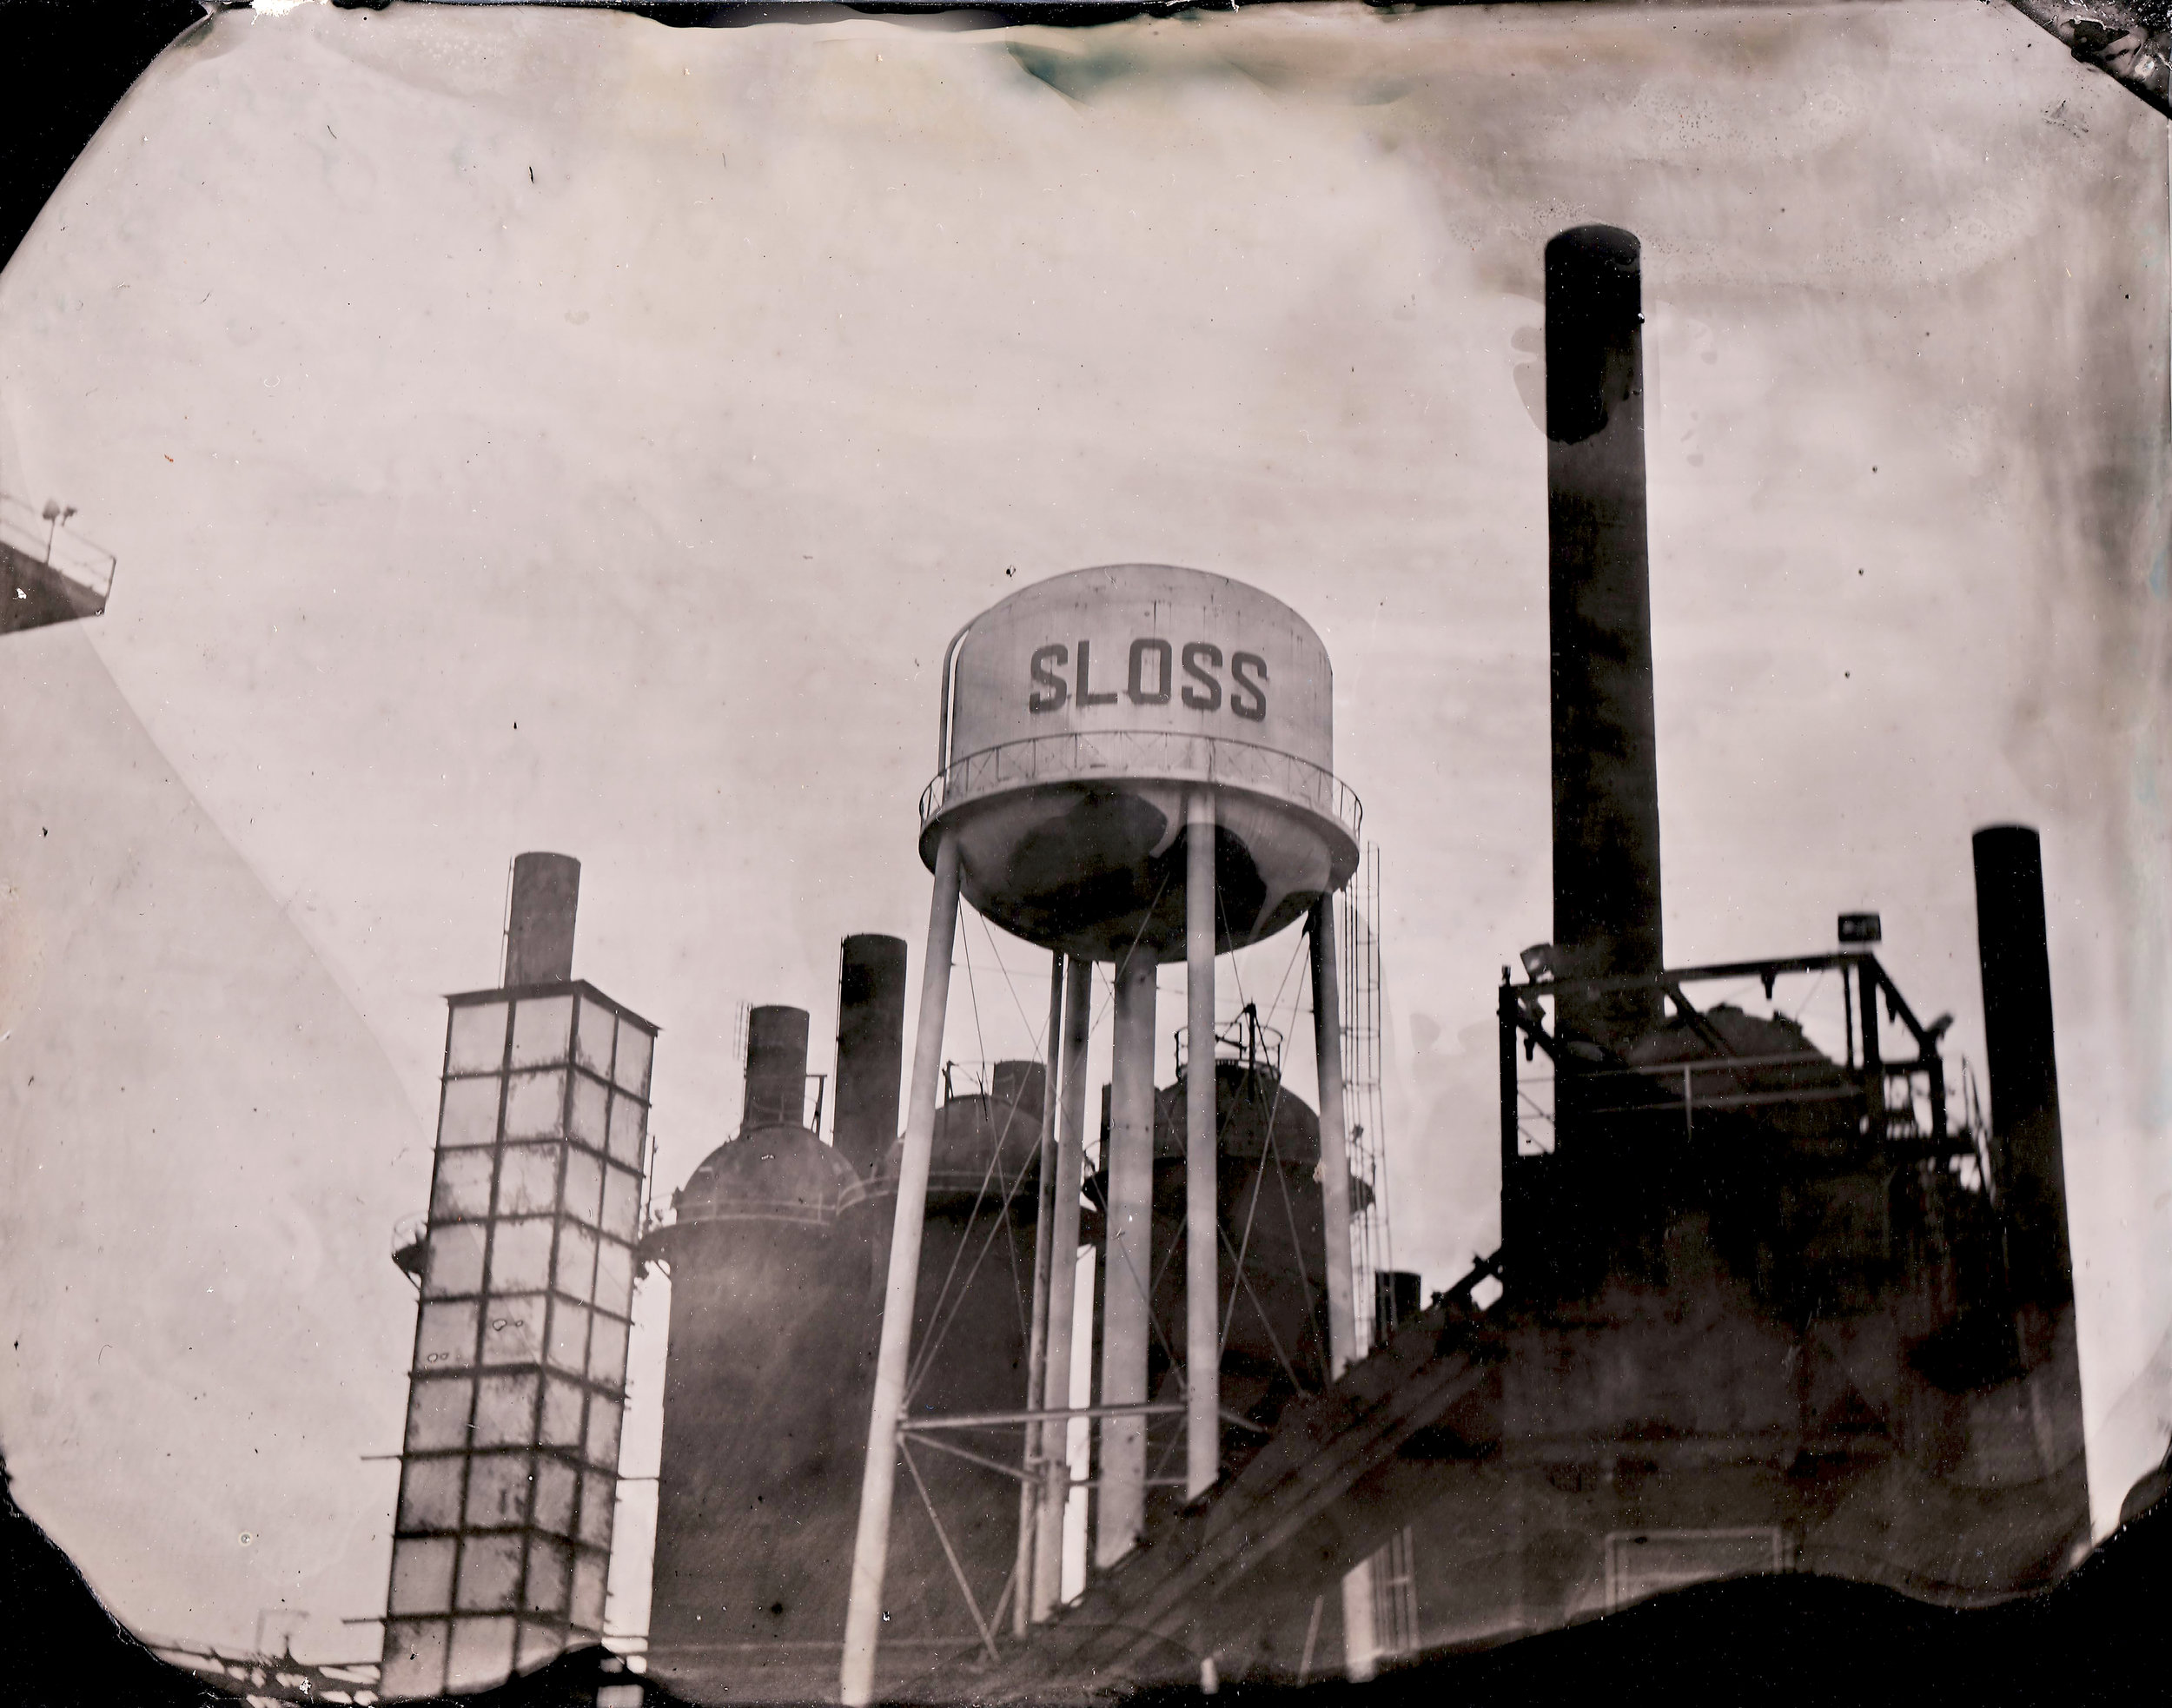 Sloss2 edit 1 11x14 600.jpg